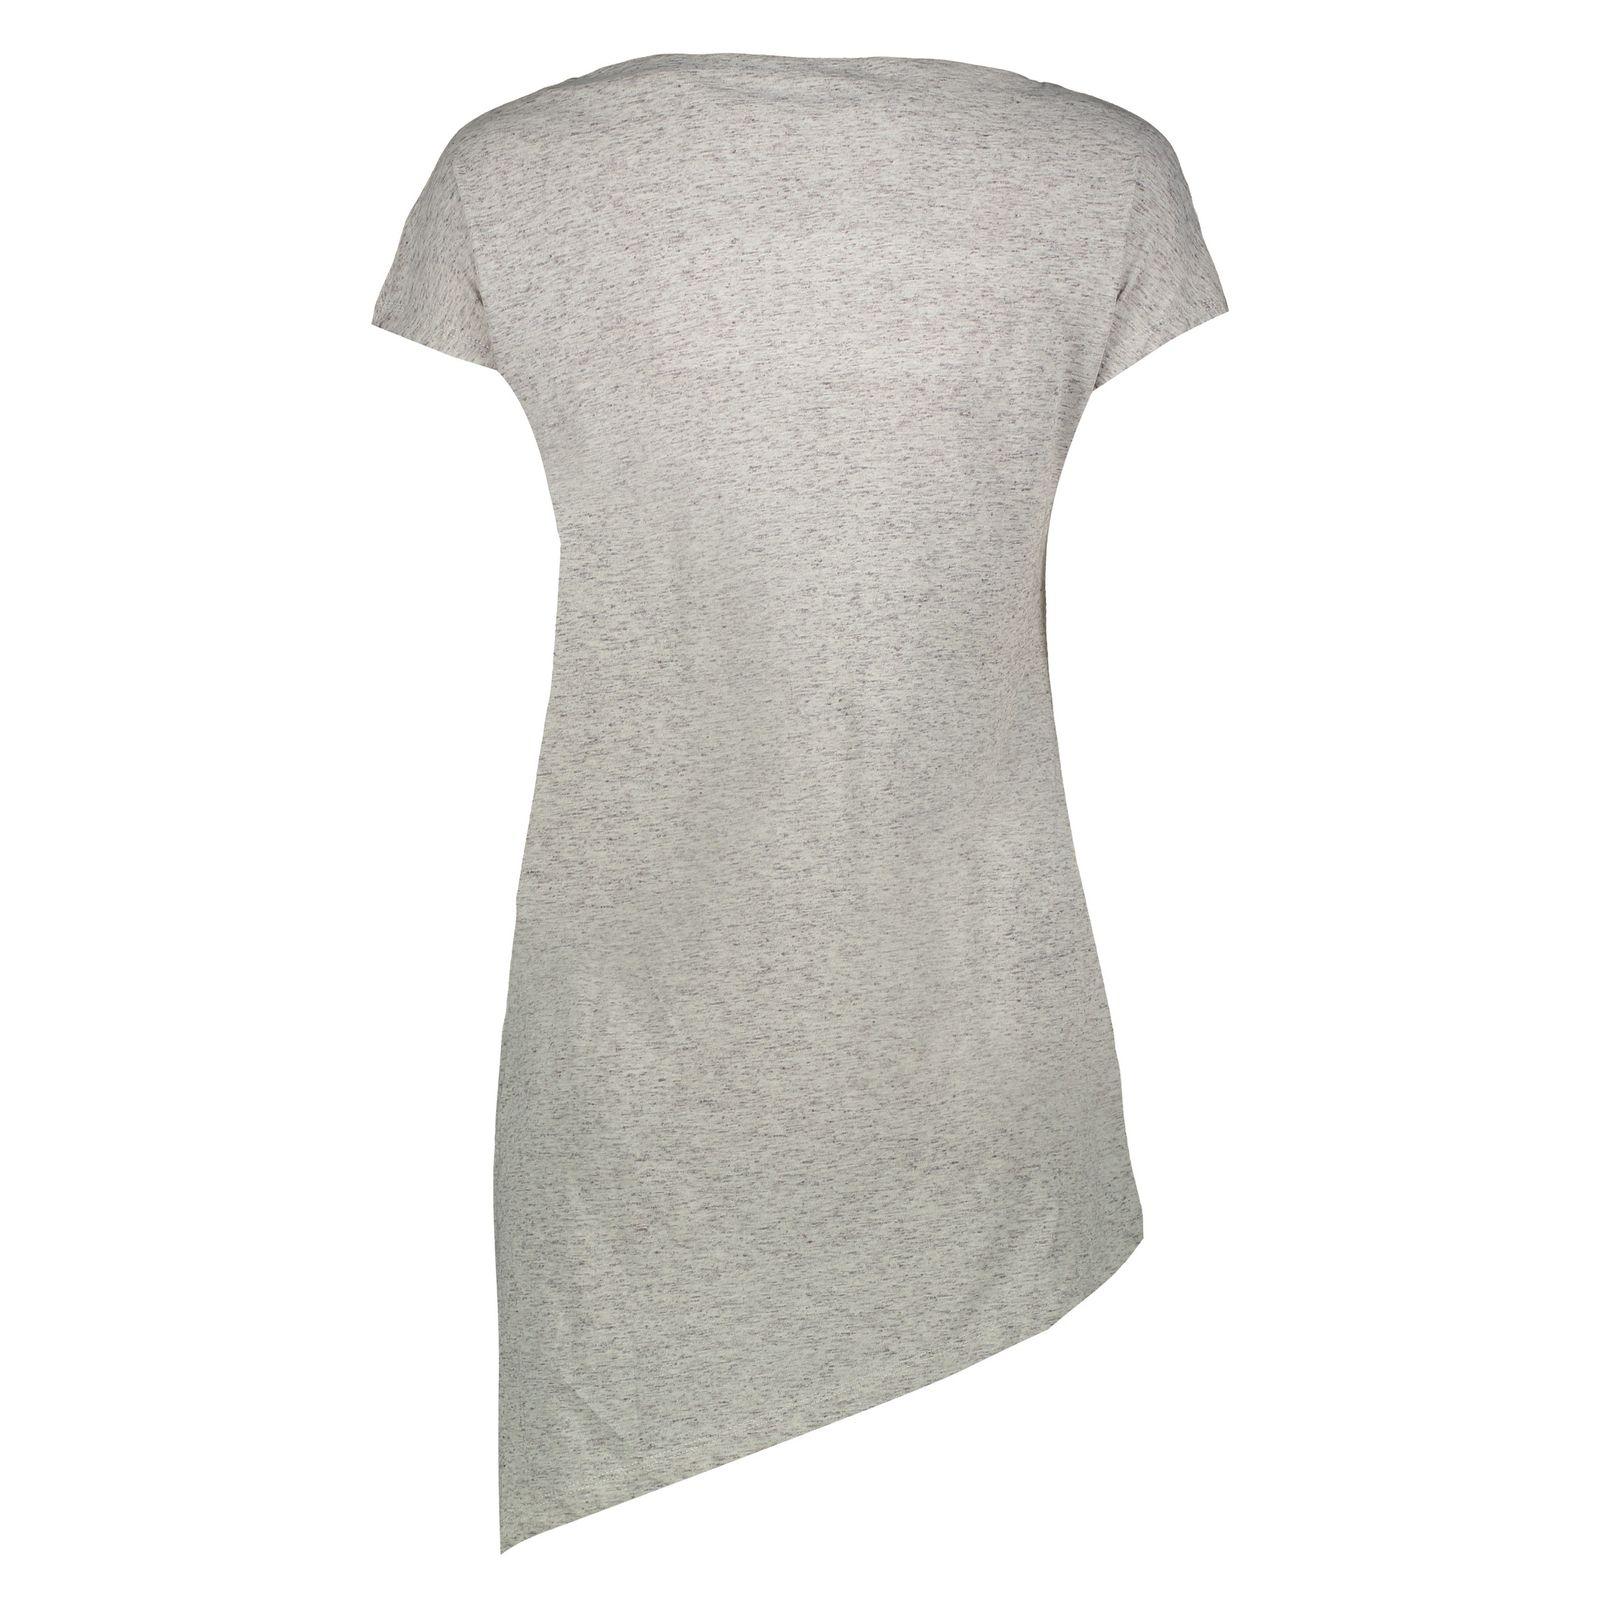 تی شرت زنانه یوپیم مدل 5135527 -  - 3